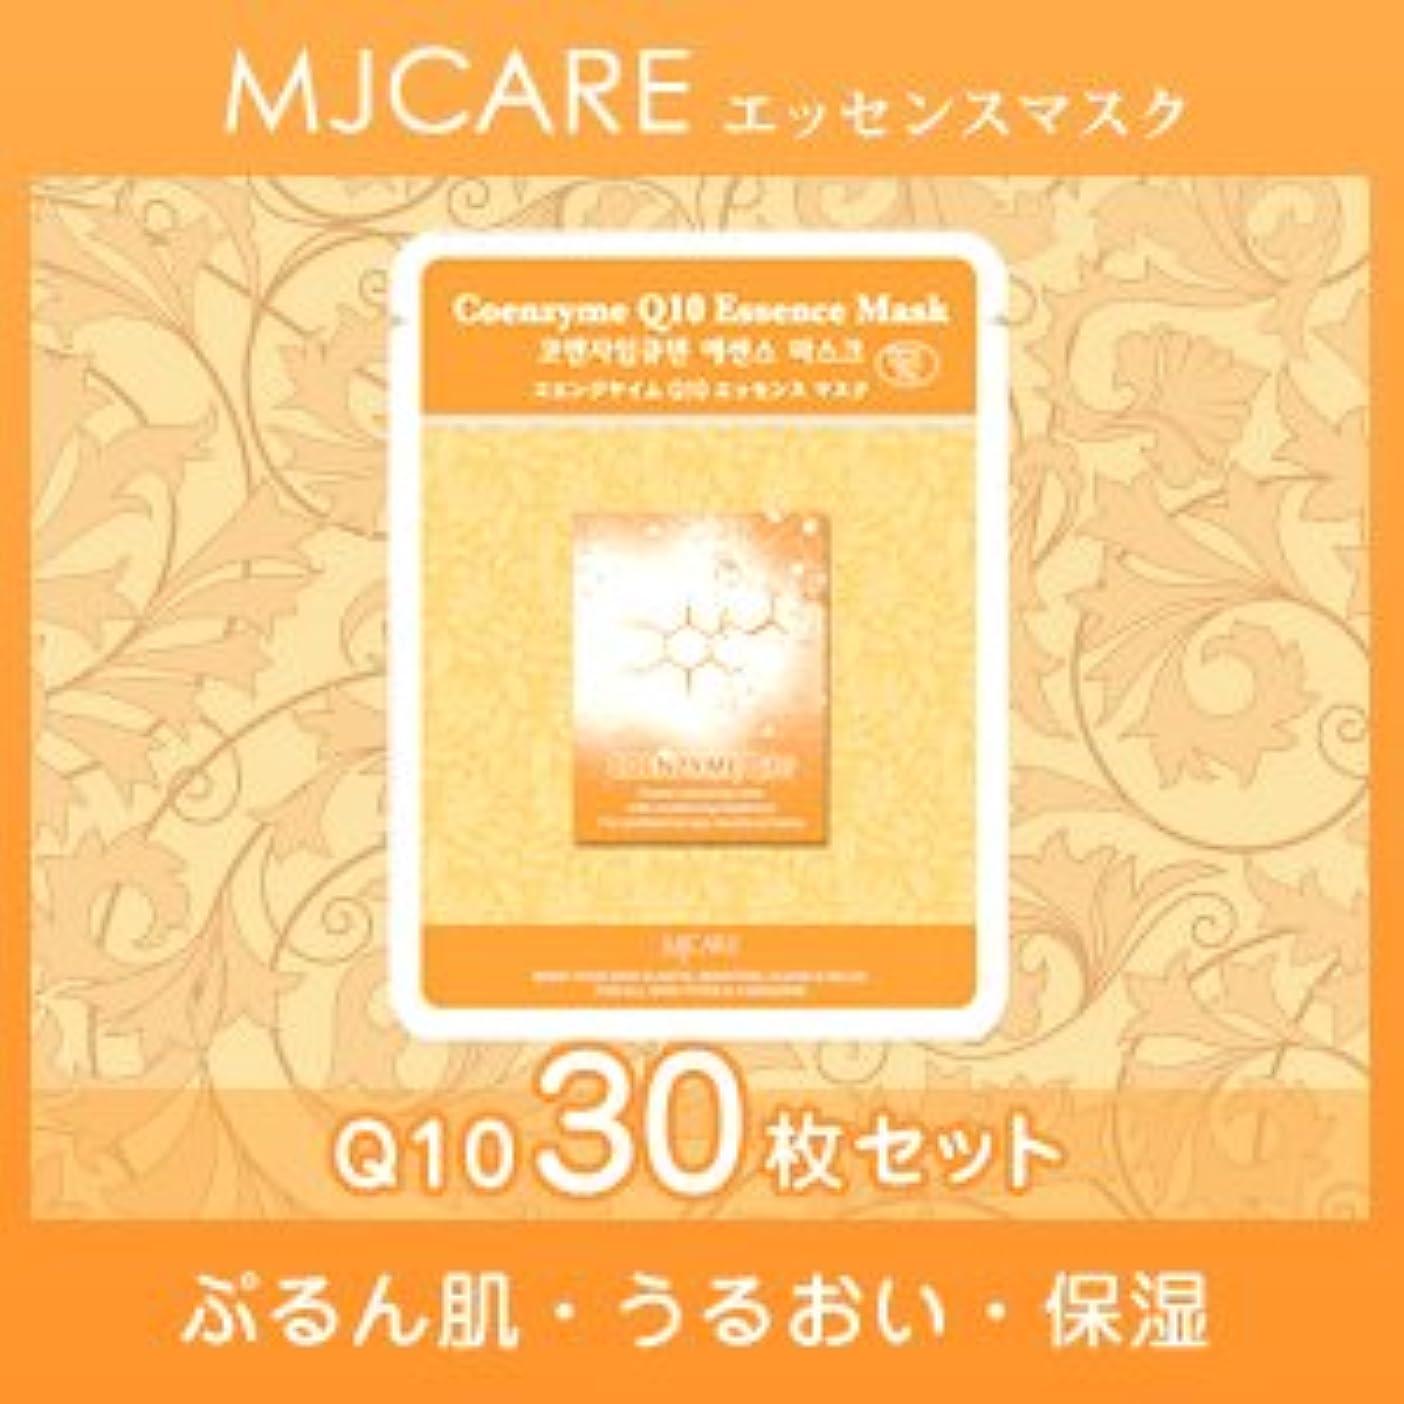 MJCARE (エムジェイケア) コエンザイムQ10 エッセンスマスク 30セット